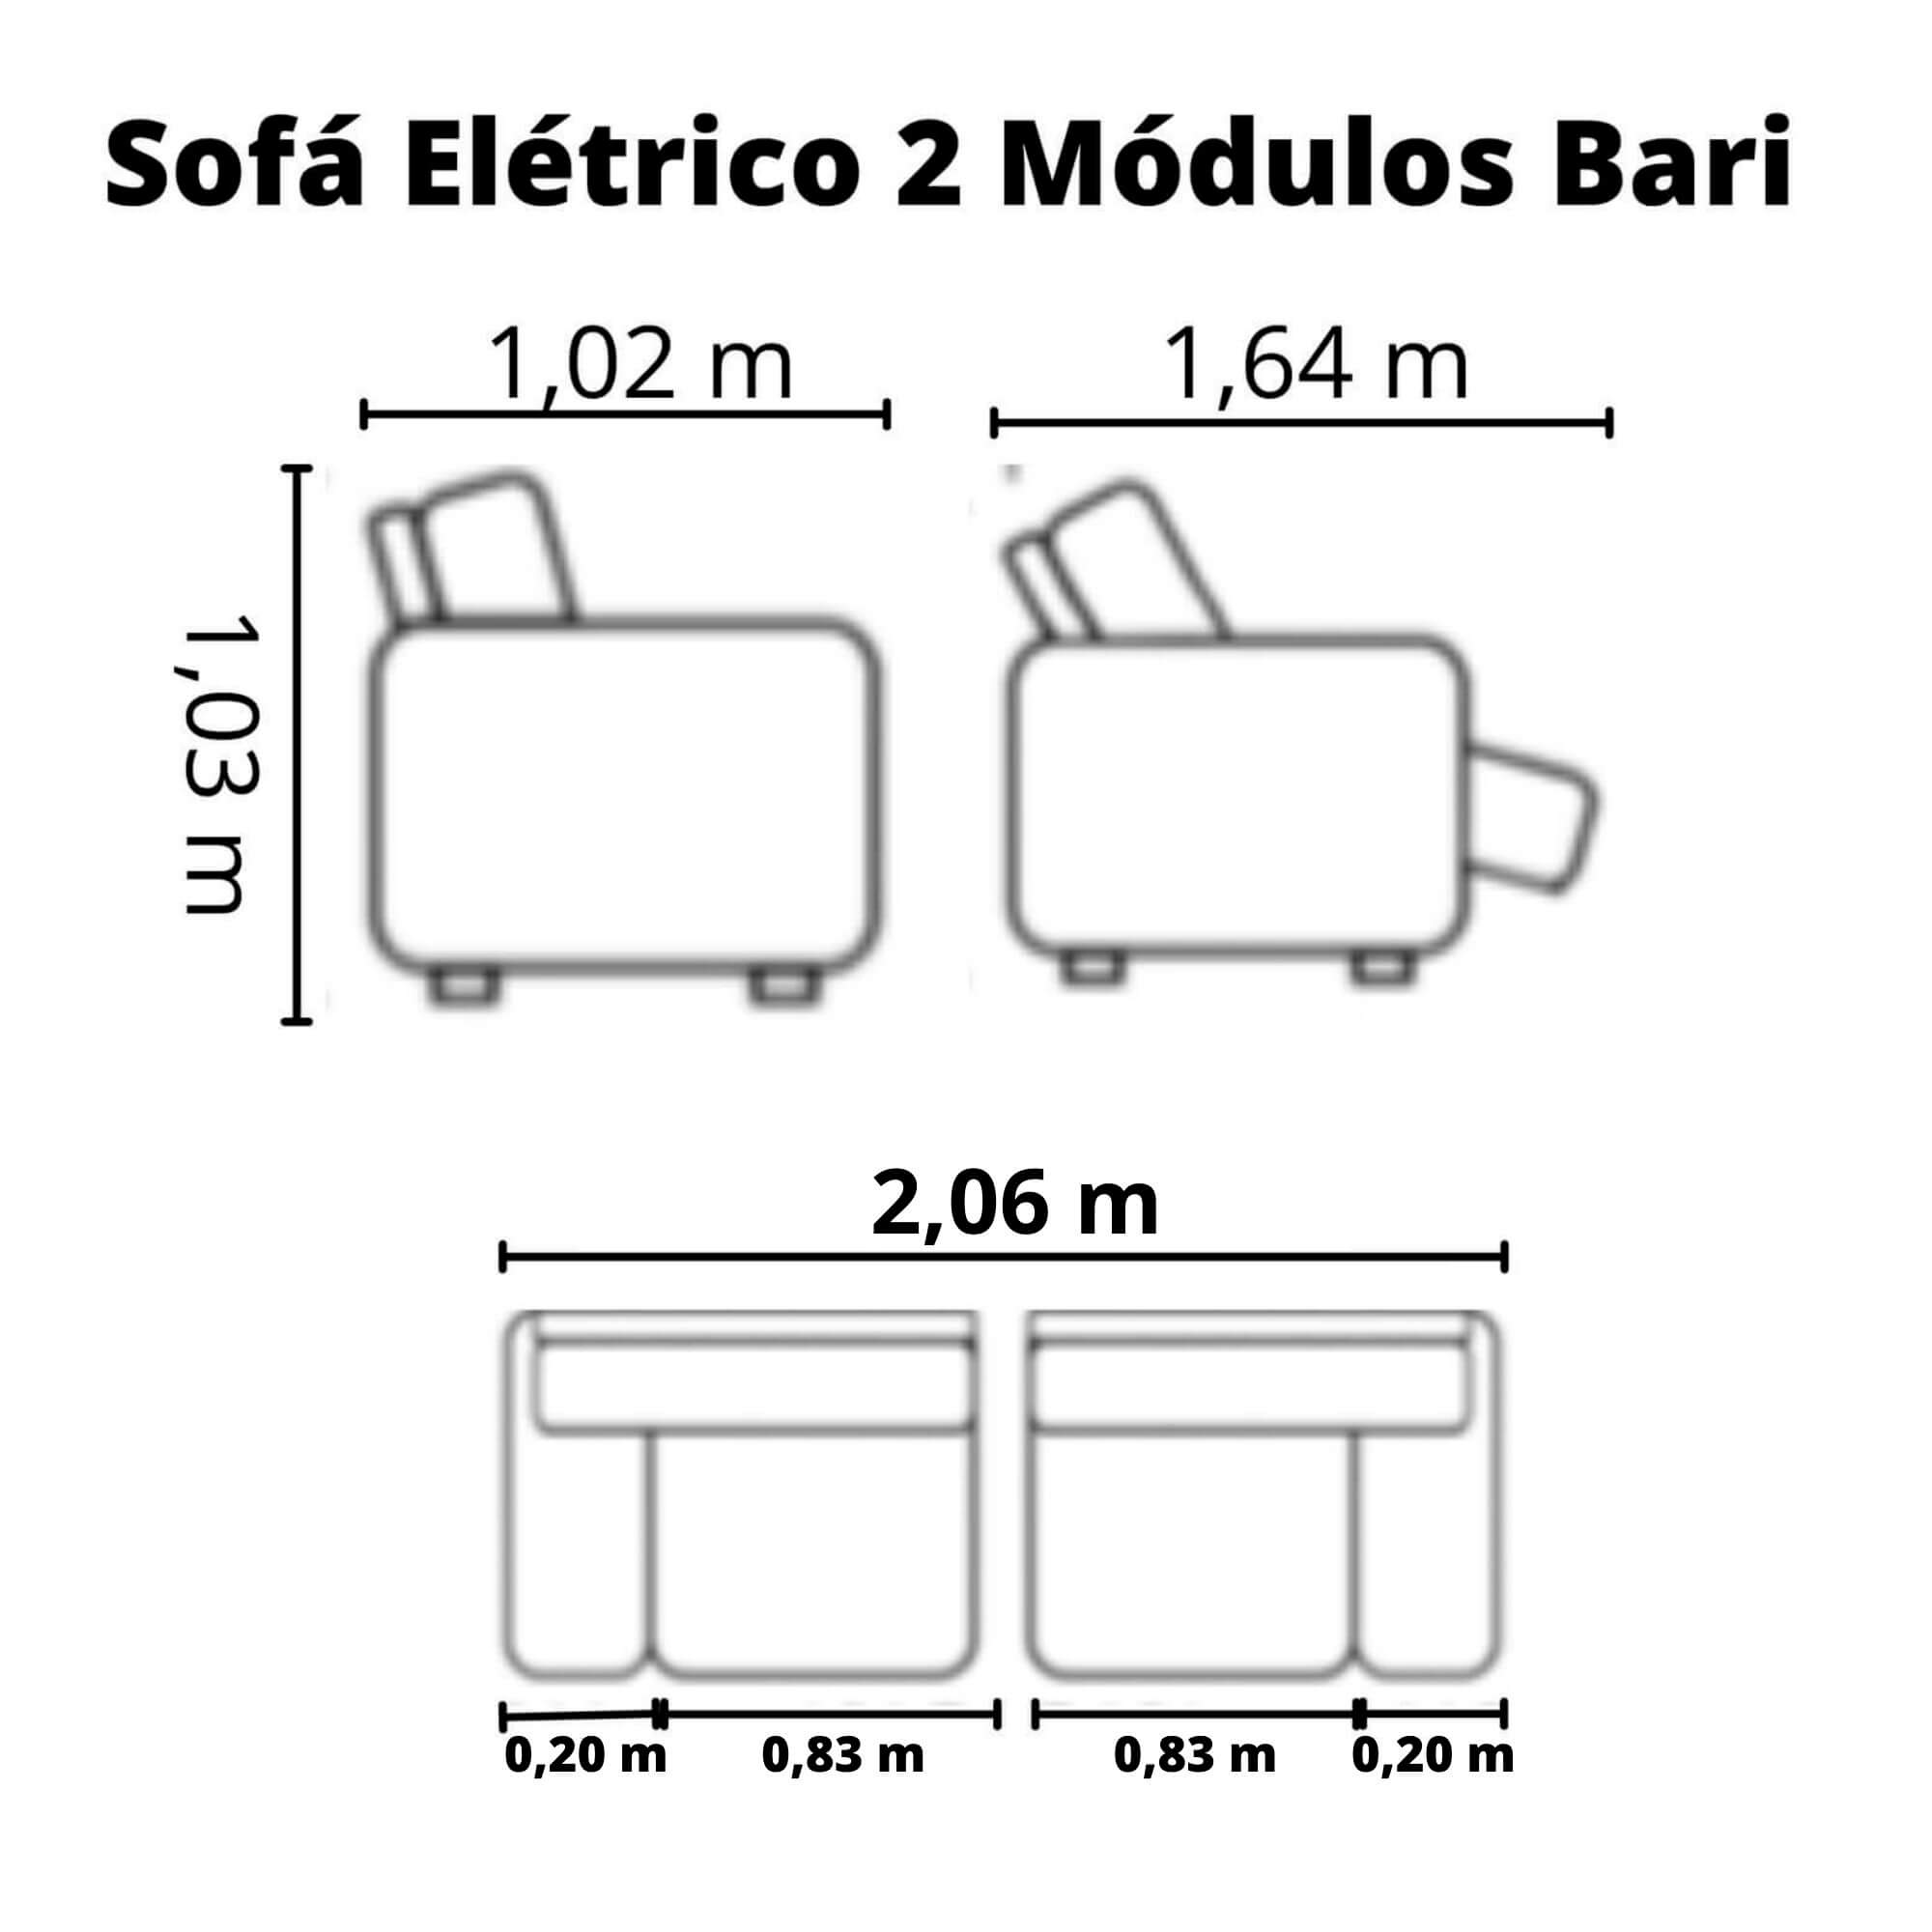 Sofá Retrátil Elétrico de Couro 206cm - Bari Preto